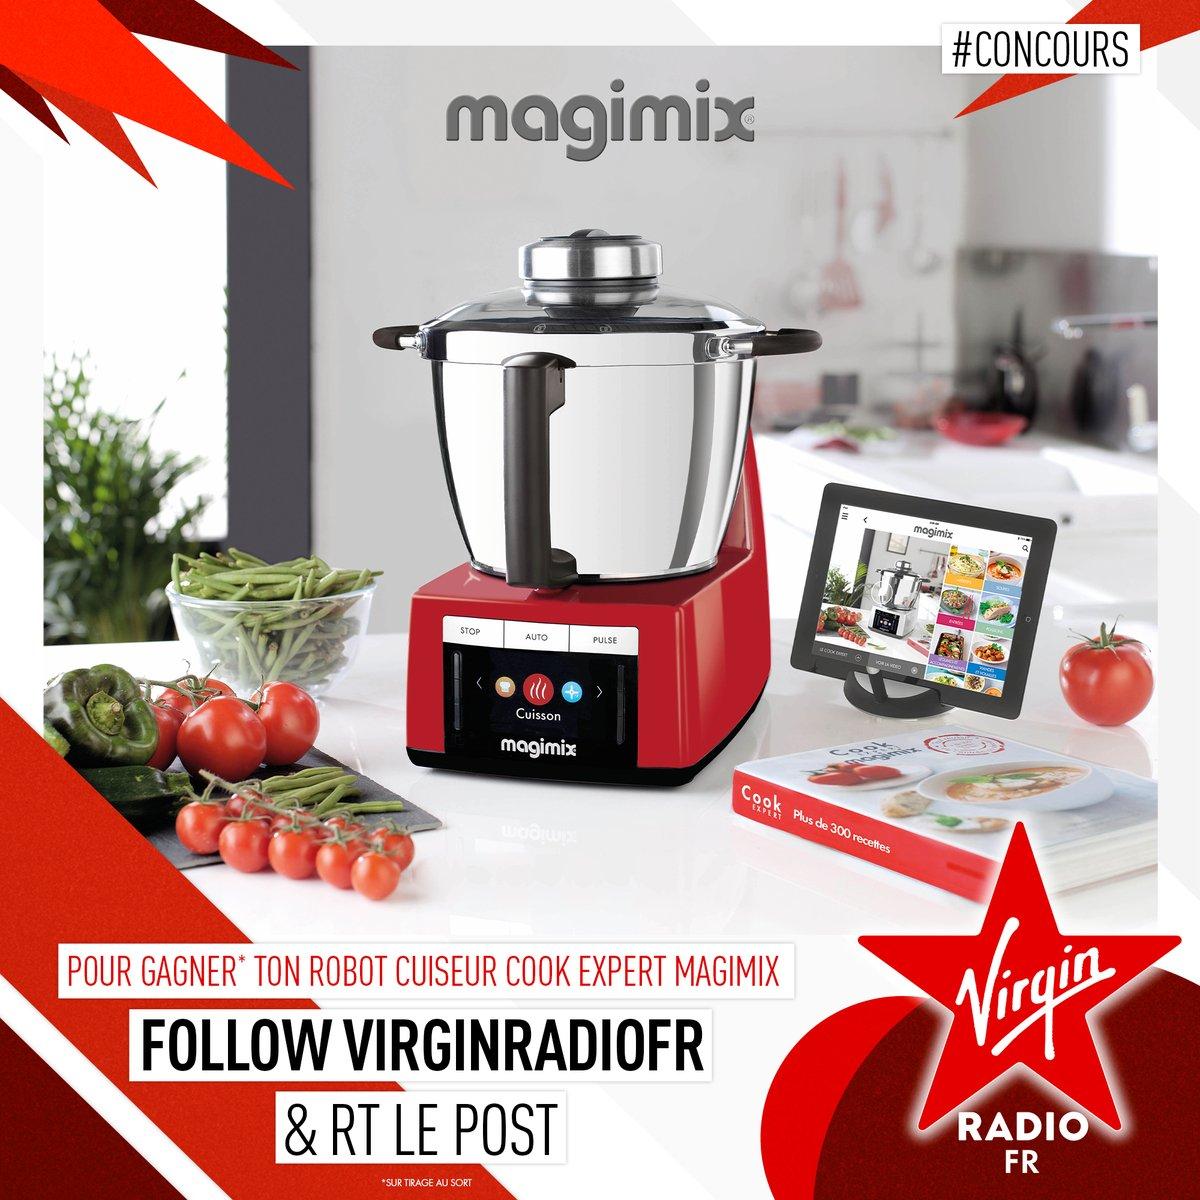 **CONCOURS** Qui n'a jamais rêvé d'être un cuistot de compétition ? @VirginRadiofr et @Magimix vous font gagner votre robot cuiseur Cook Expert 👨🍳  👉 Pour participer, FOLLOW @VirginRadiofr et RT ce tweet !